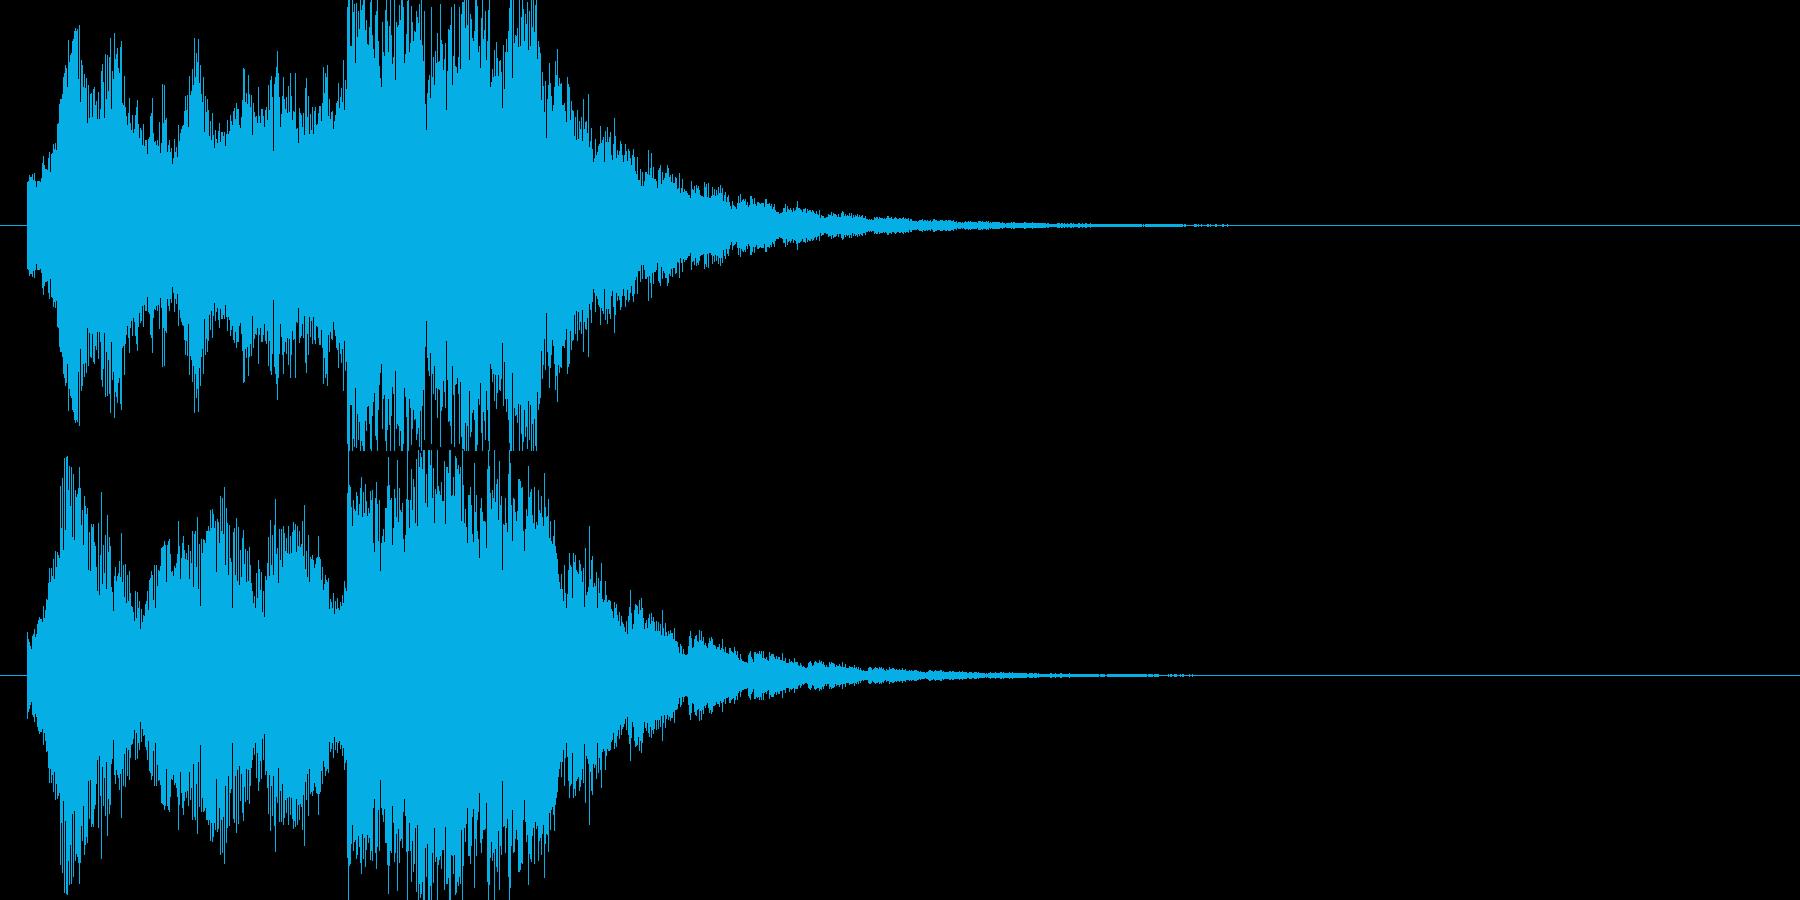 企業向けサウンドロゴ、ジングルの再生済みの波形